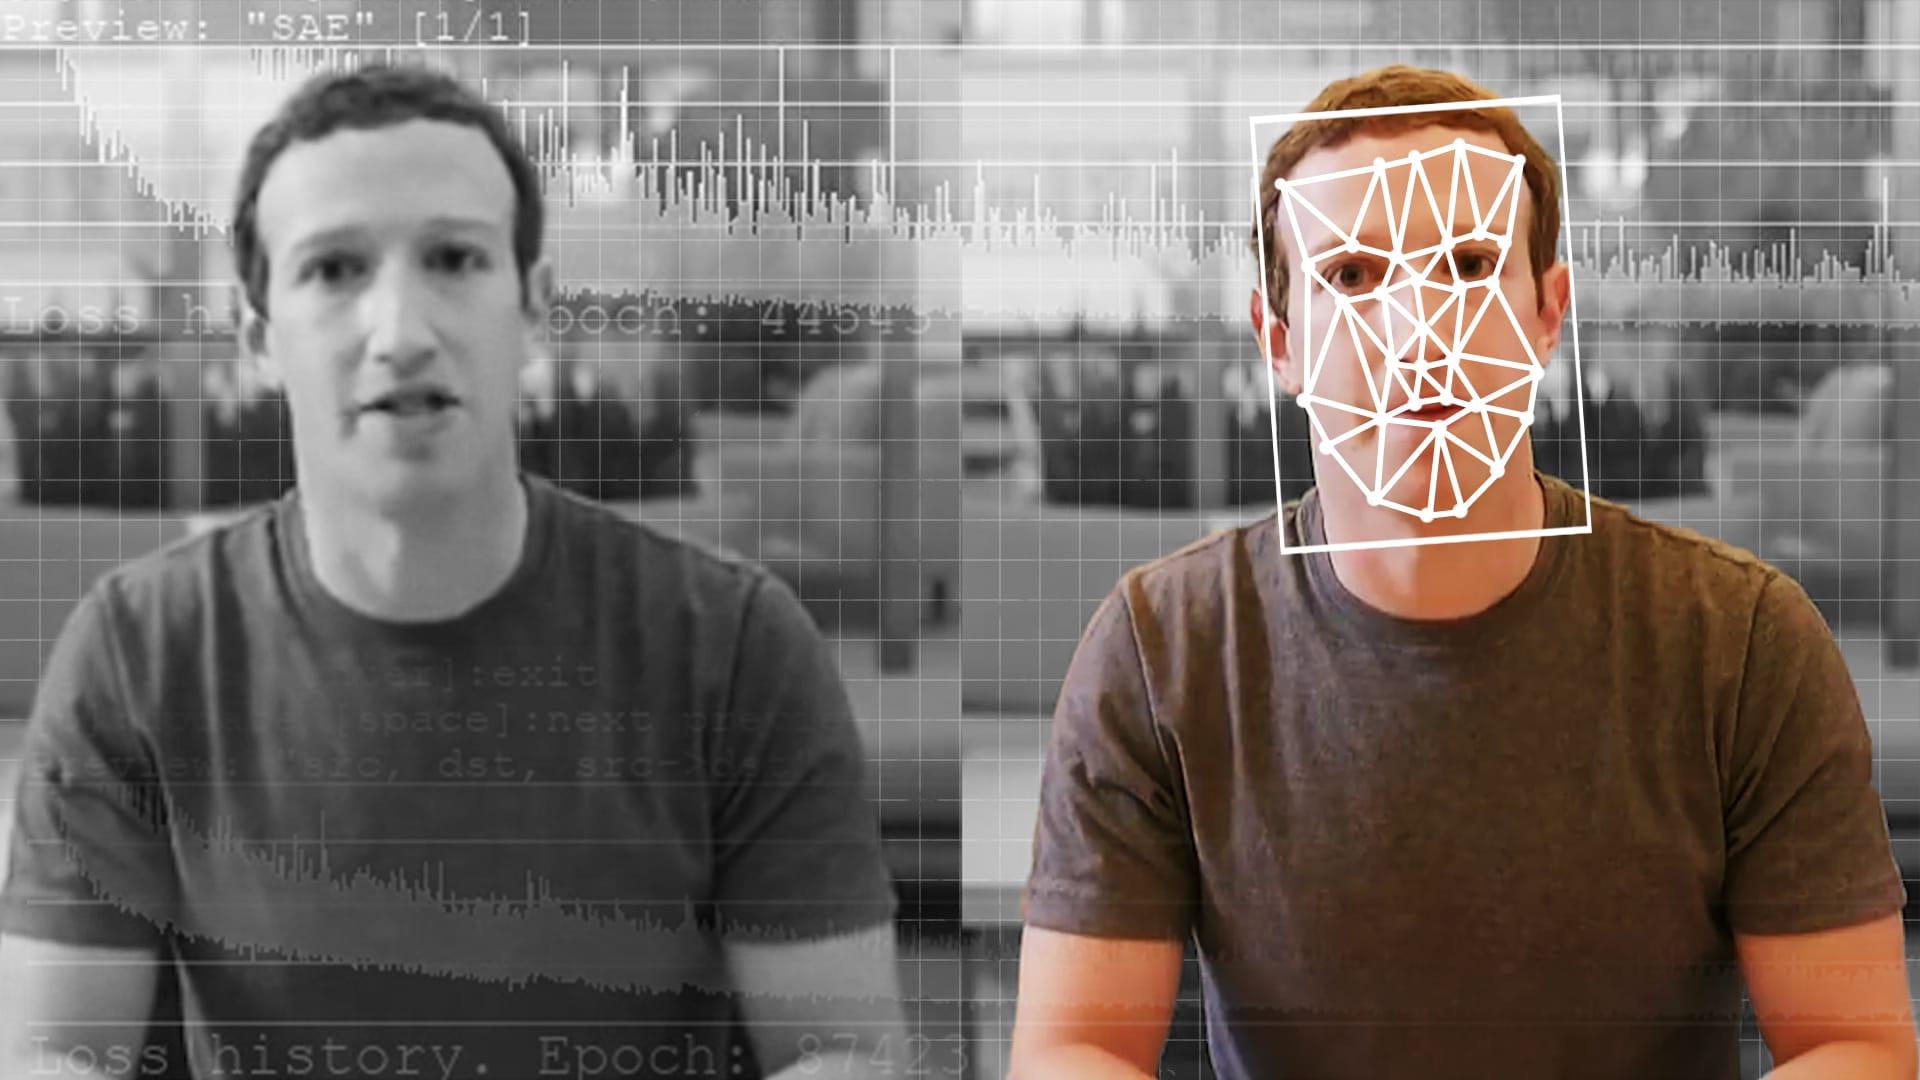 imagem de rosto do Zuckenberg sendo mapeado